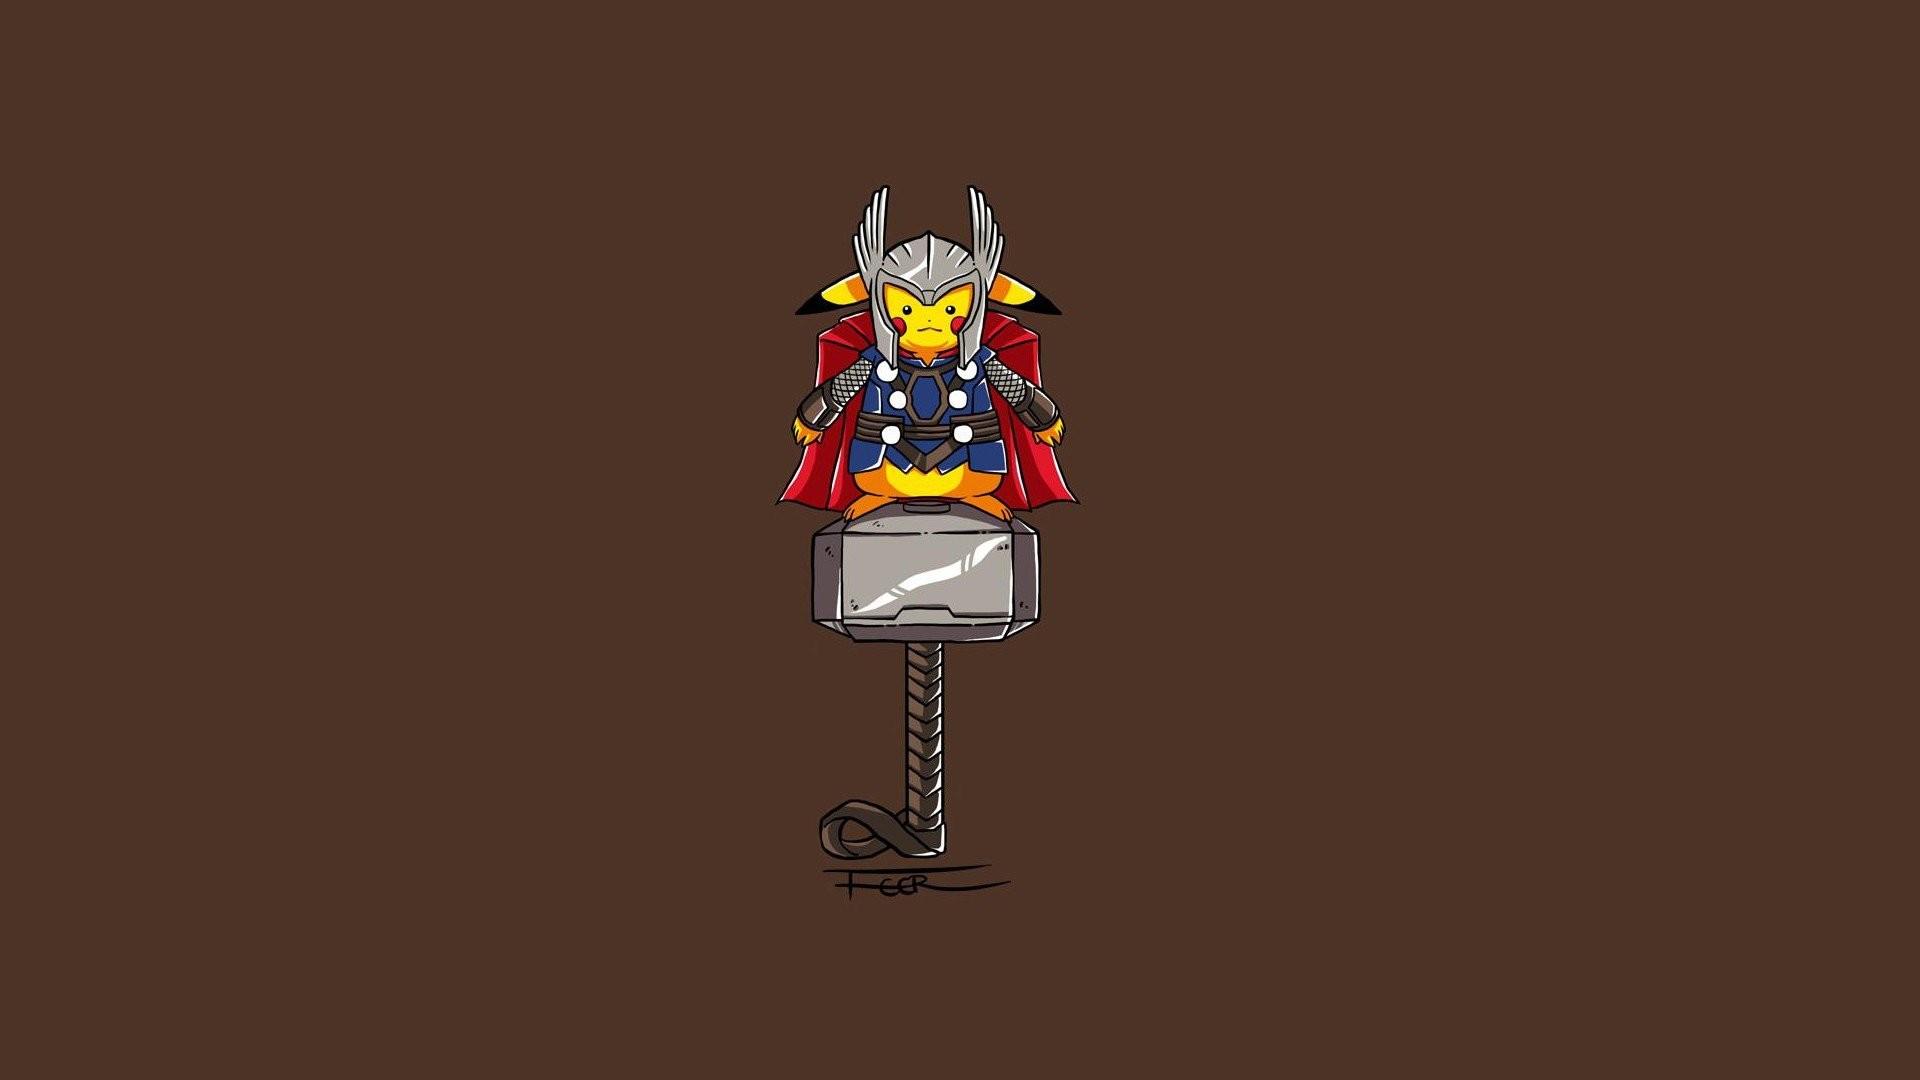 Minimalist Thor